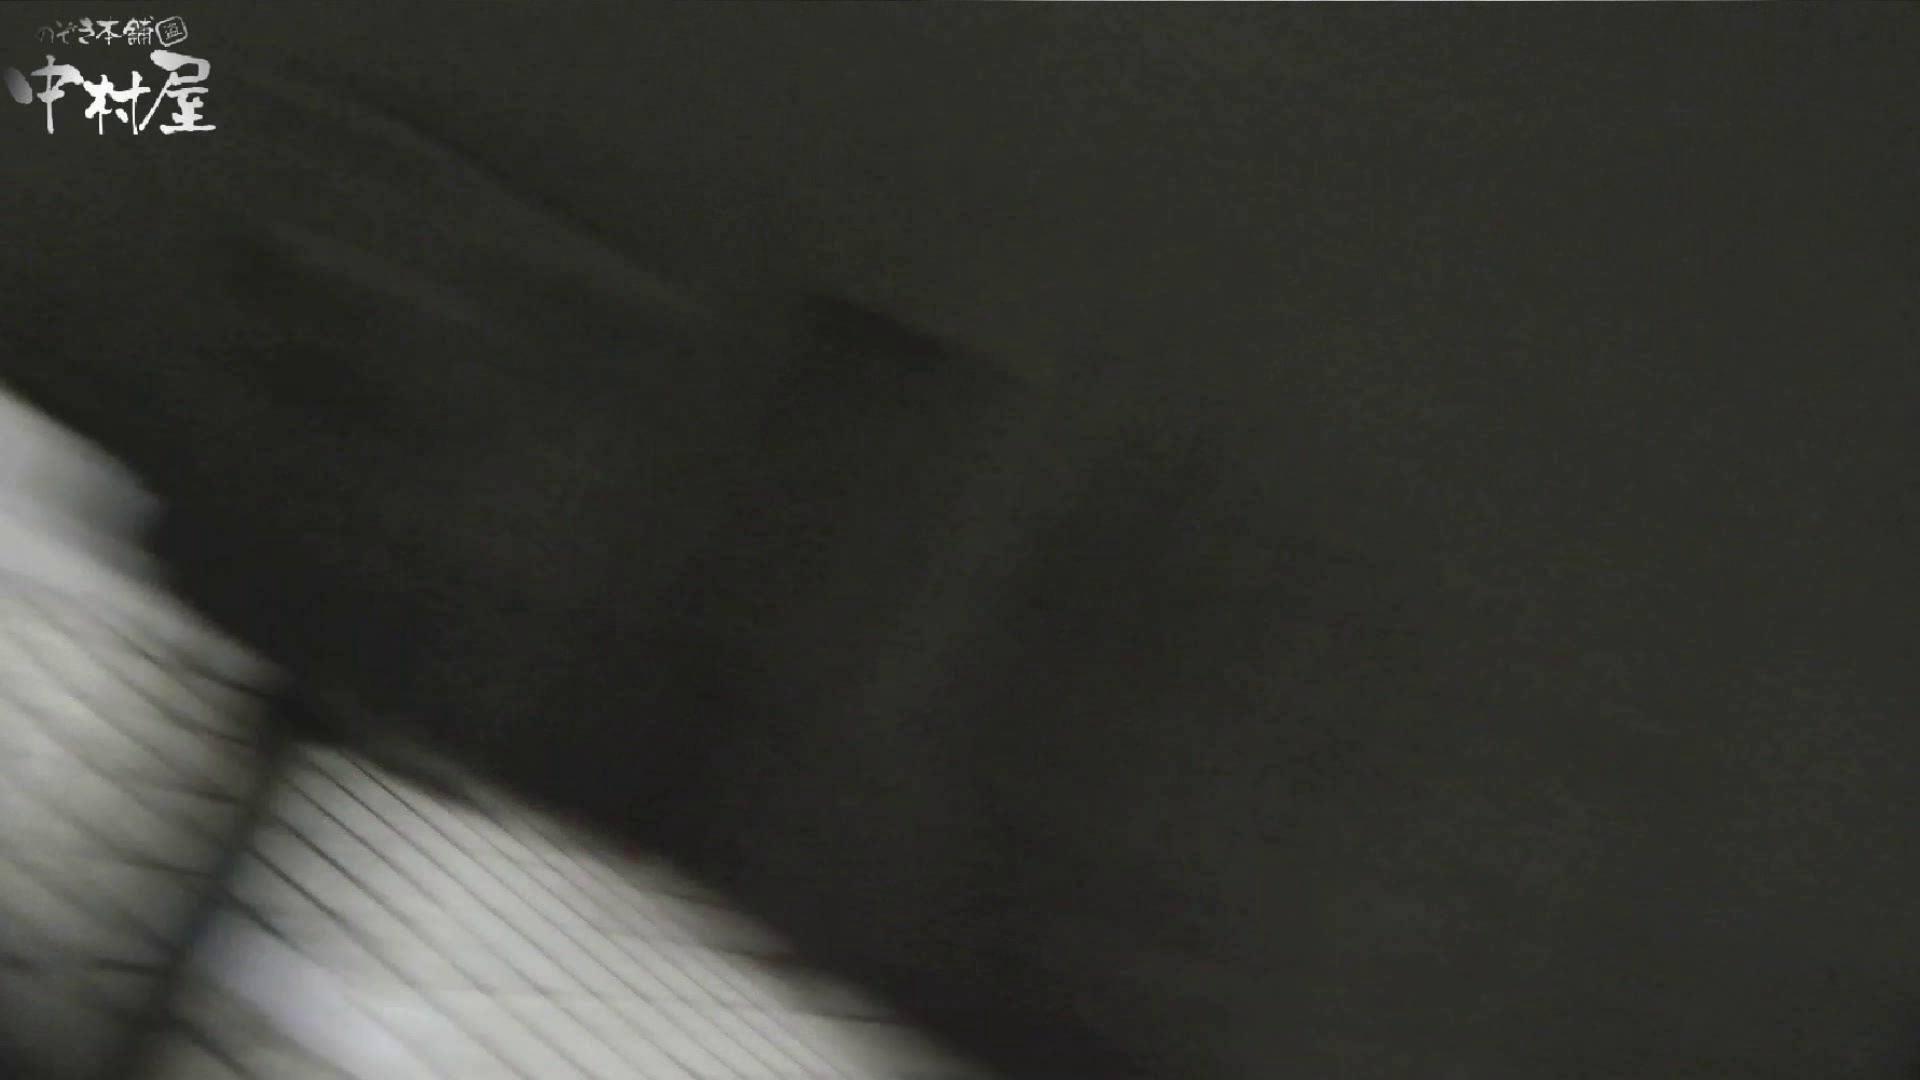 vol.45 命がけ潜伏洗面所! おしゃれおねぃさん、もよおすの巻 0 | 0  89pic 5